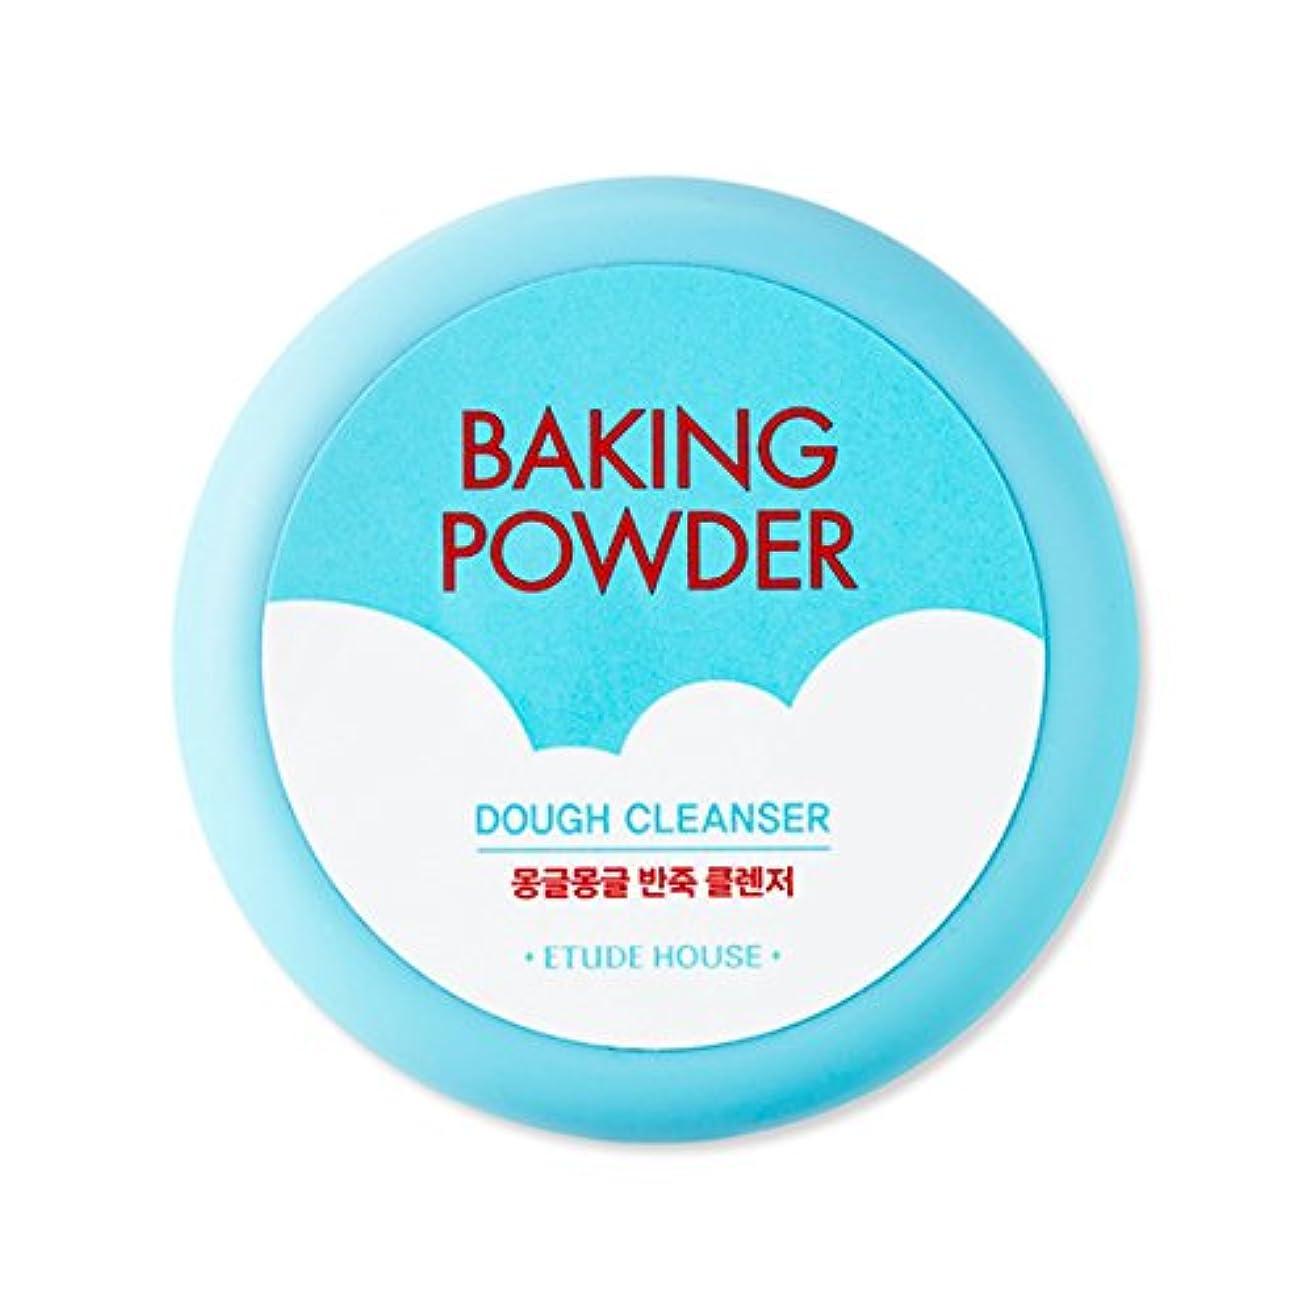 充実一月アノイ[New] ETUDE HOUSE Baking Powder Dough Cleanser 90g/エチュードハウス ベーキング パウダー ドウ クレンザー 90g [並行輸入品]